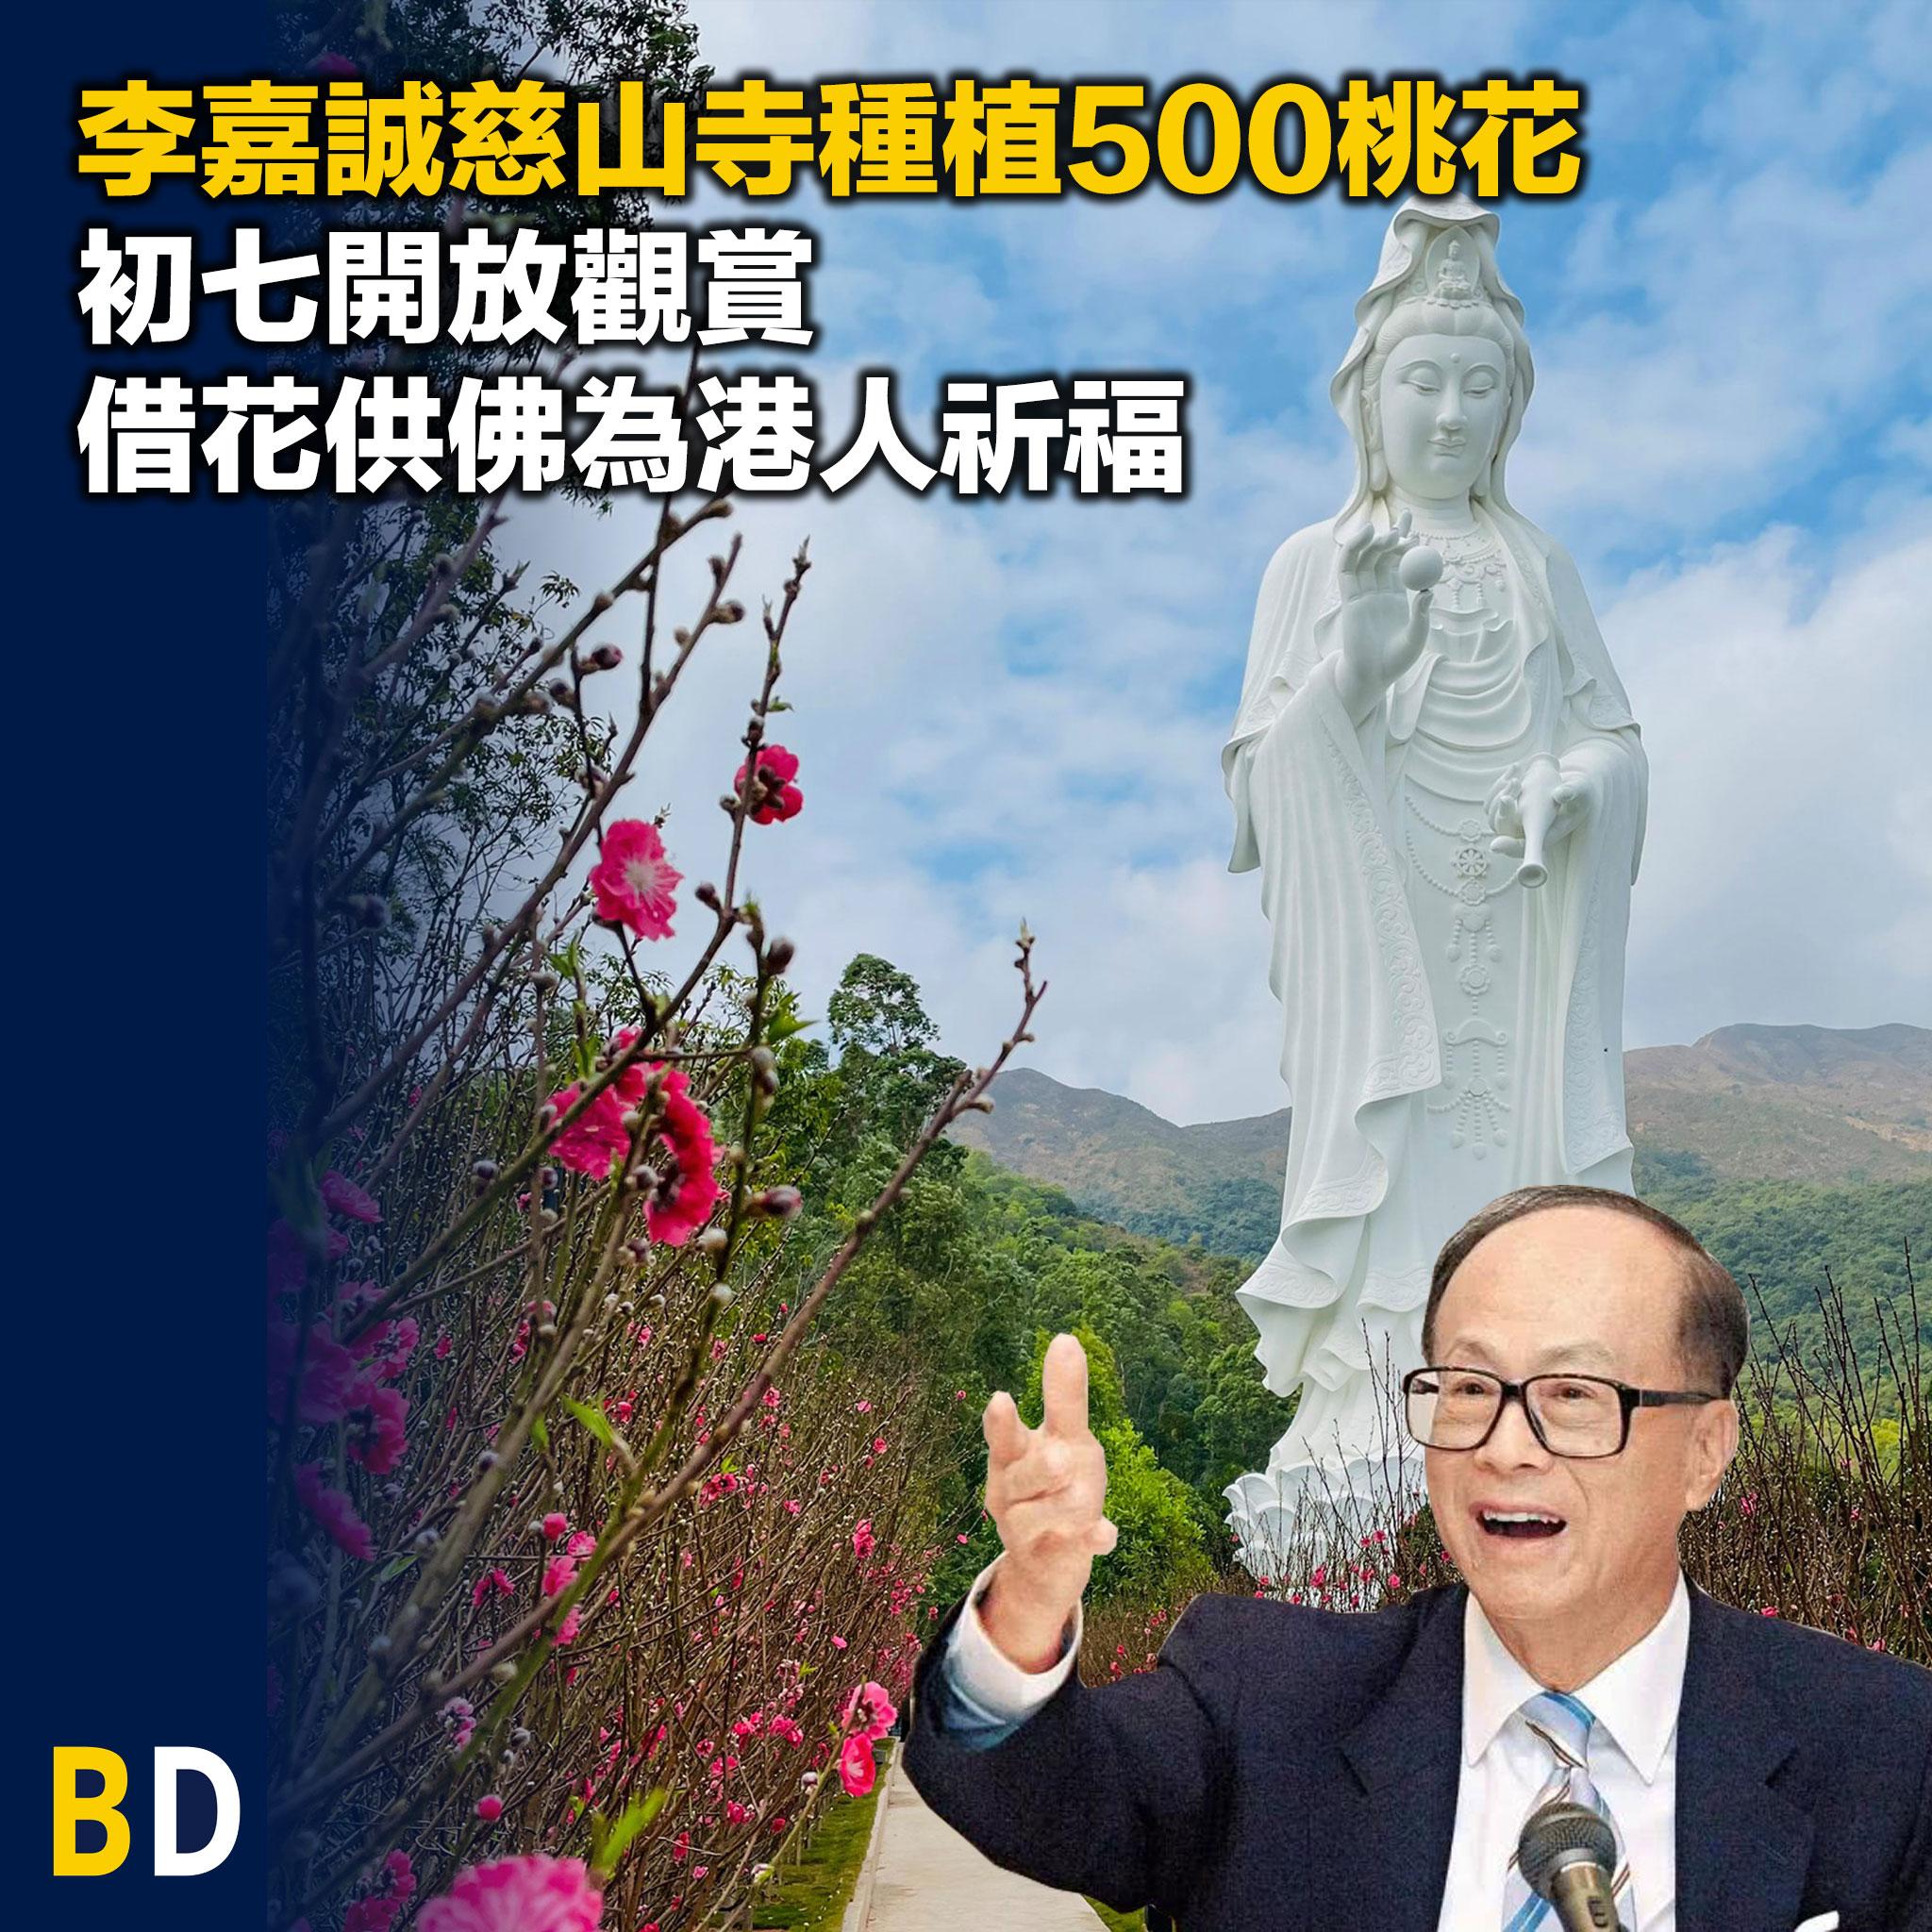 李嘉誠慈山寺種植500桃花,初七開放觀賞借花供佛為港人祈福